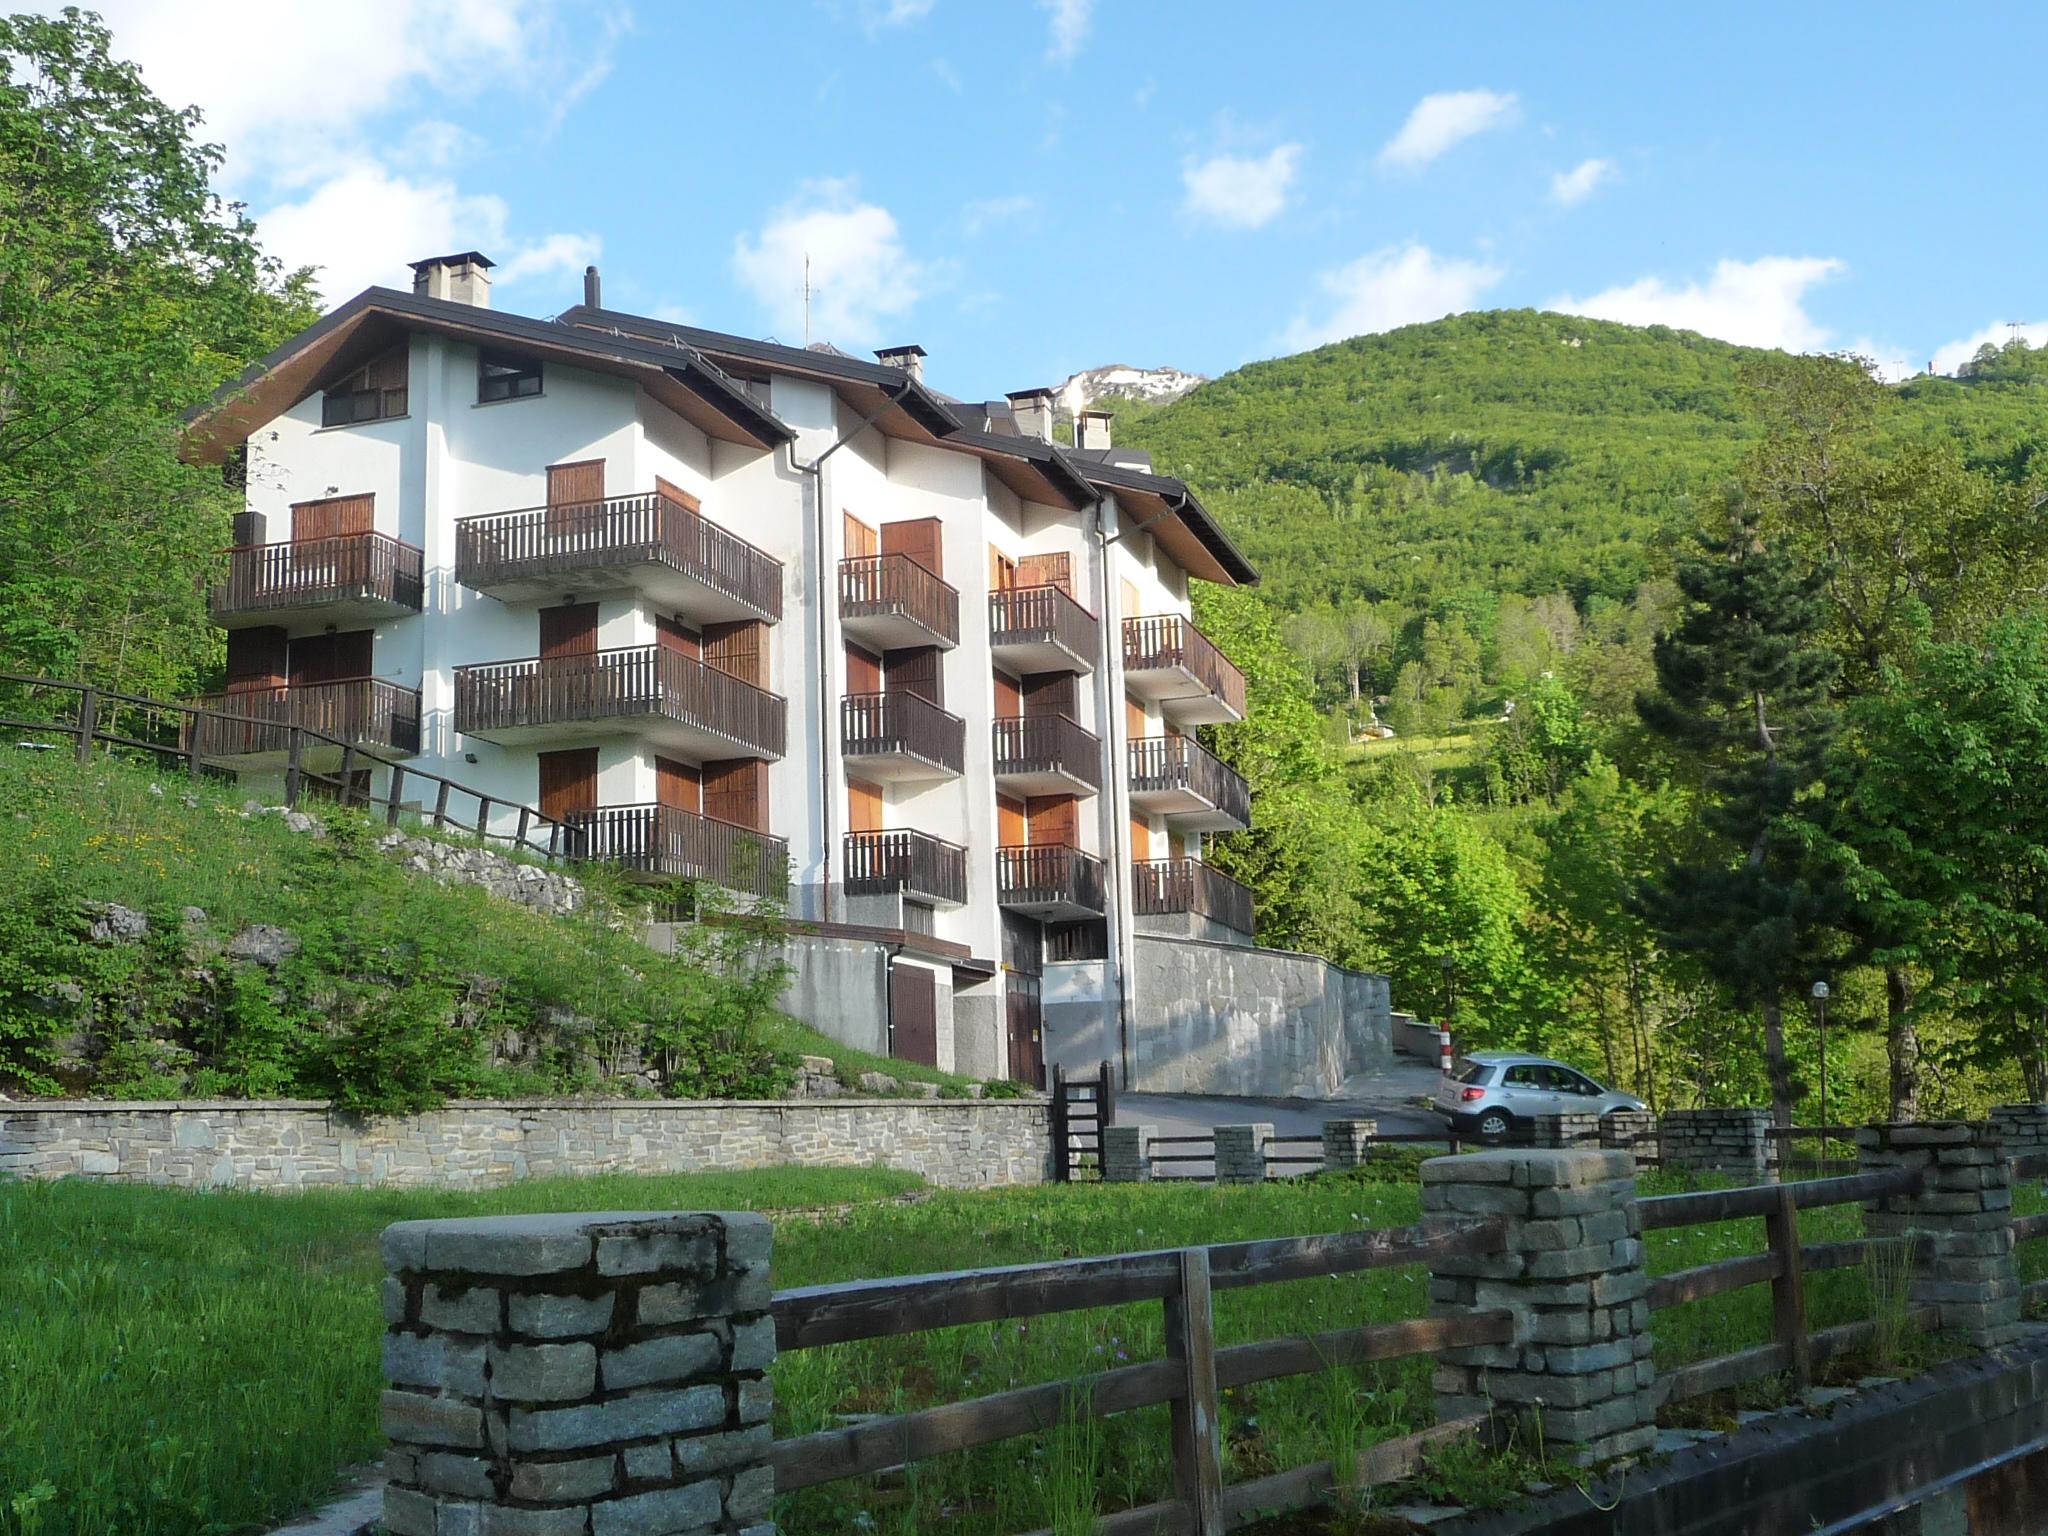 Case vacanze con vista sulle montagne idealista news for Case affitto